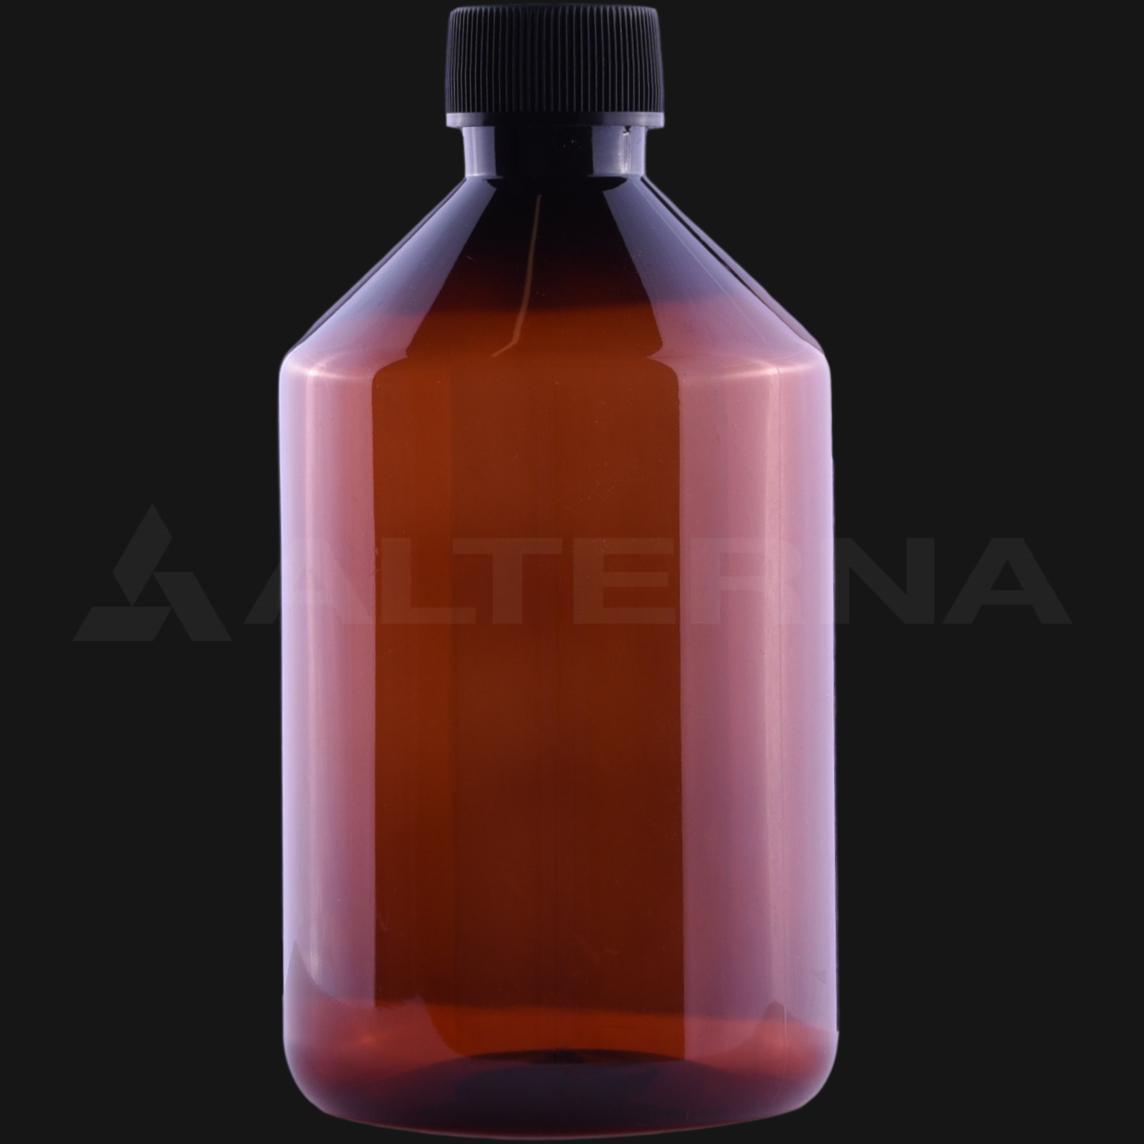 500 ml PET Bottle with 28 mm Foam Seal Cap